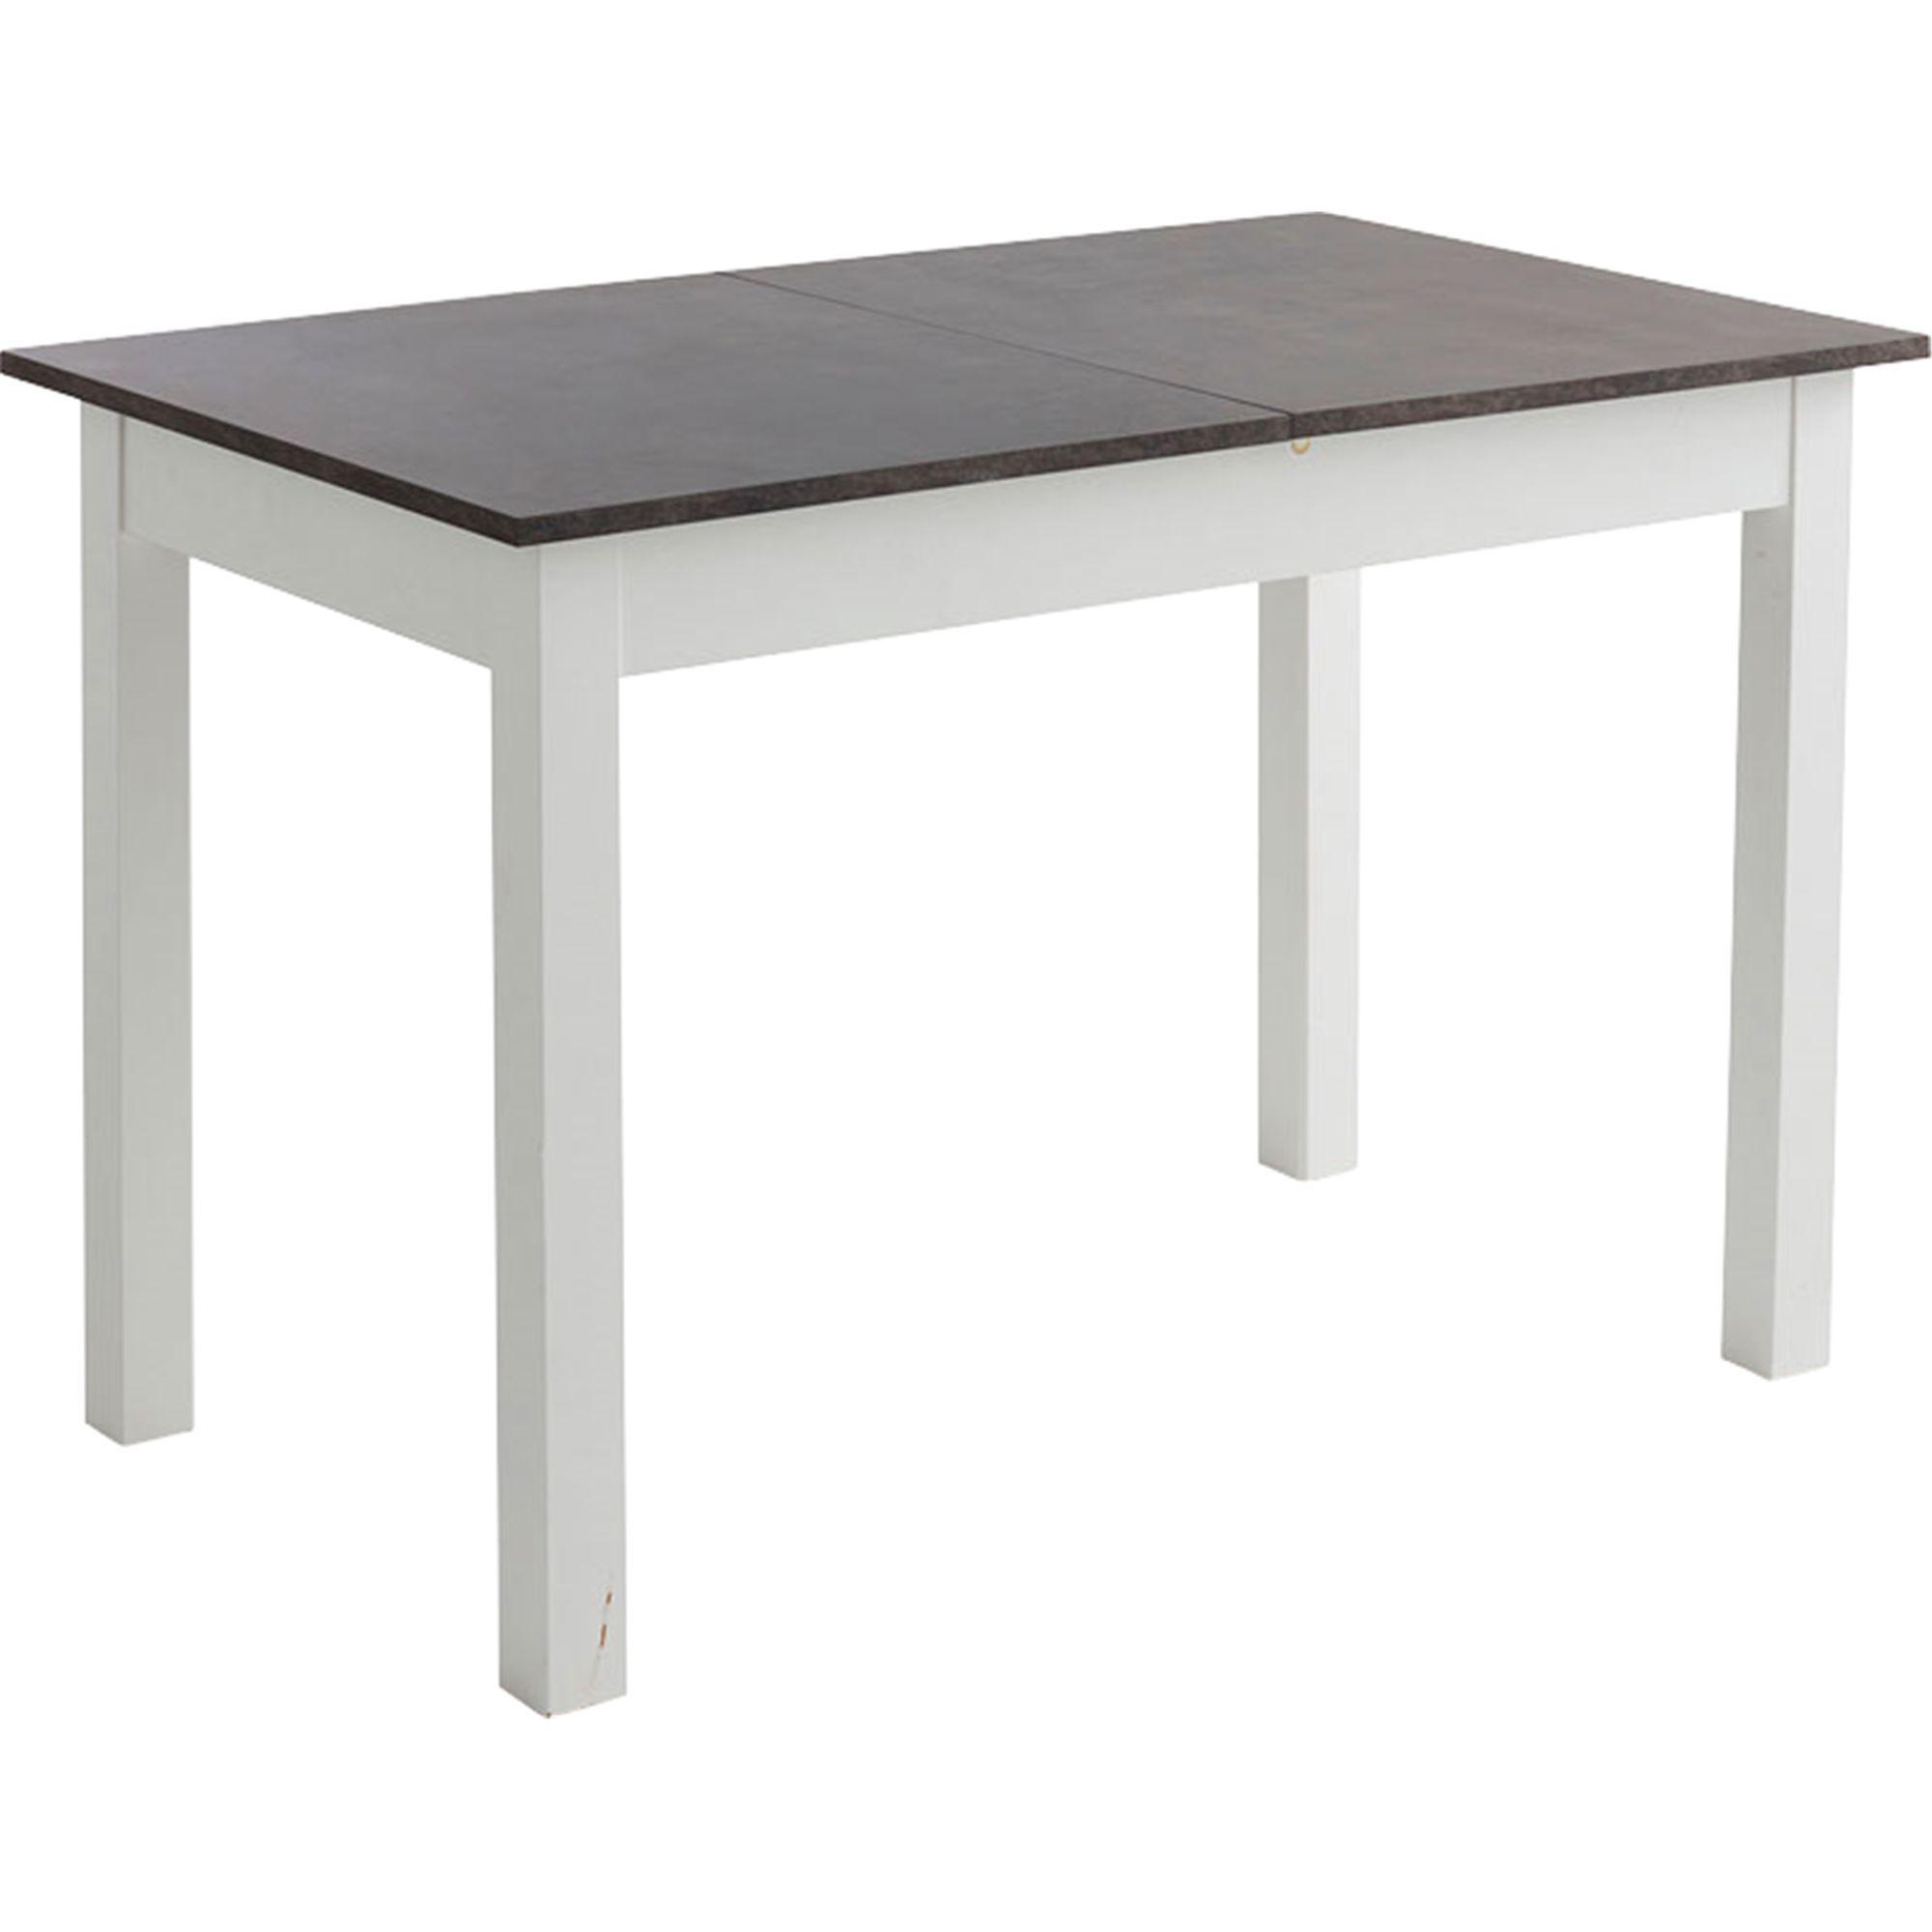 table de repas extensible effet bton l120 160cm 4 8 convives yvon meubles salle manger et cuisine table extensible rallonge dcoration